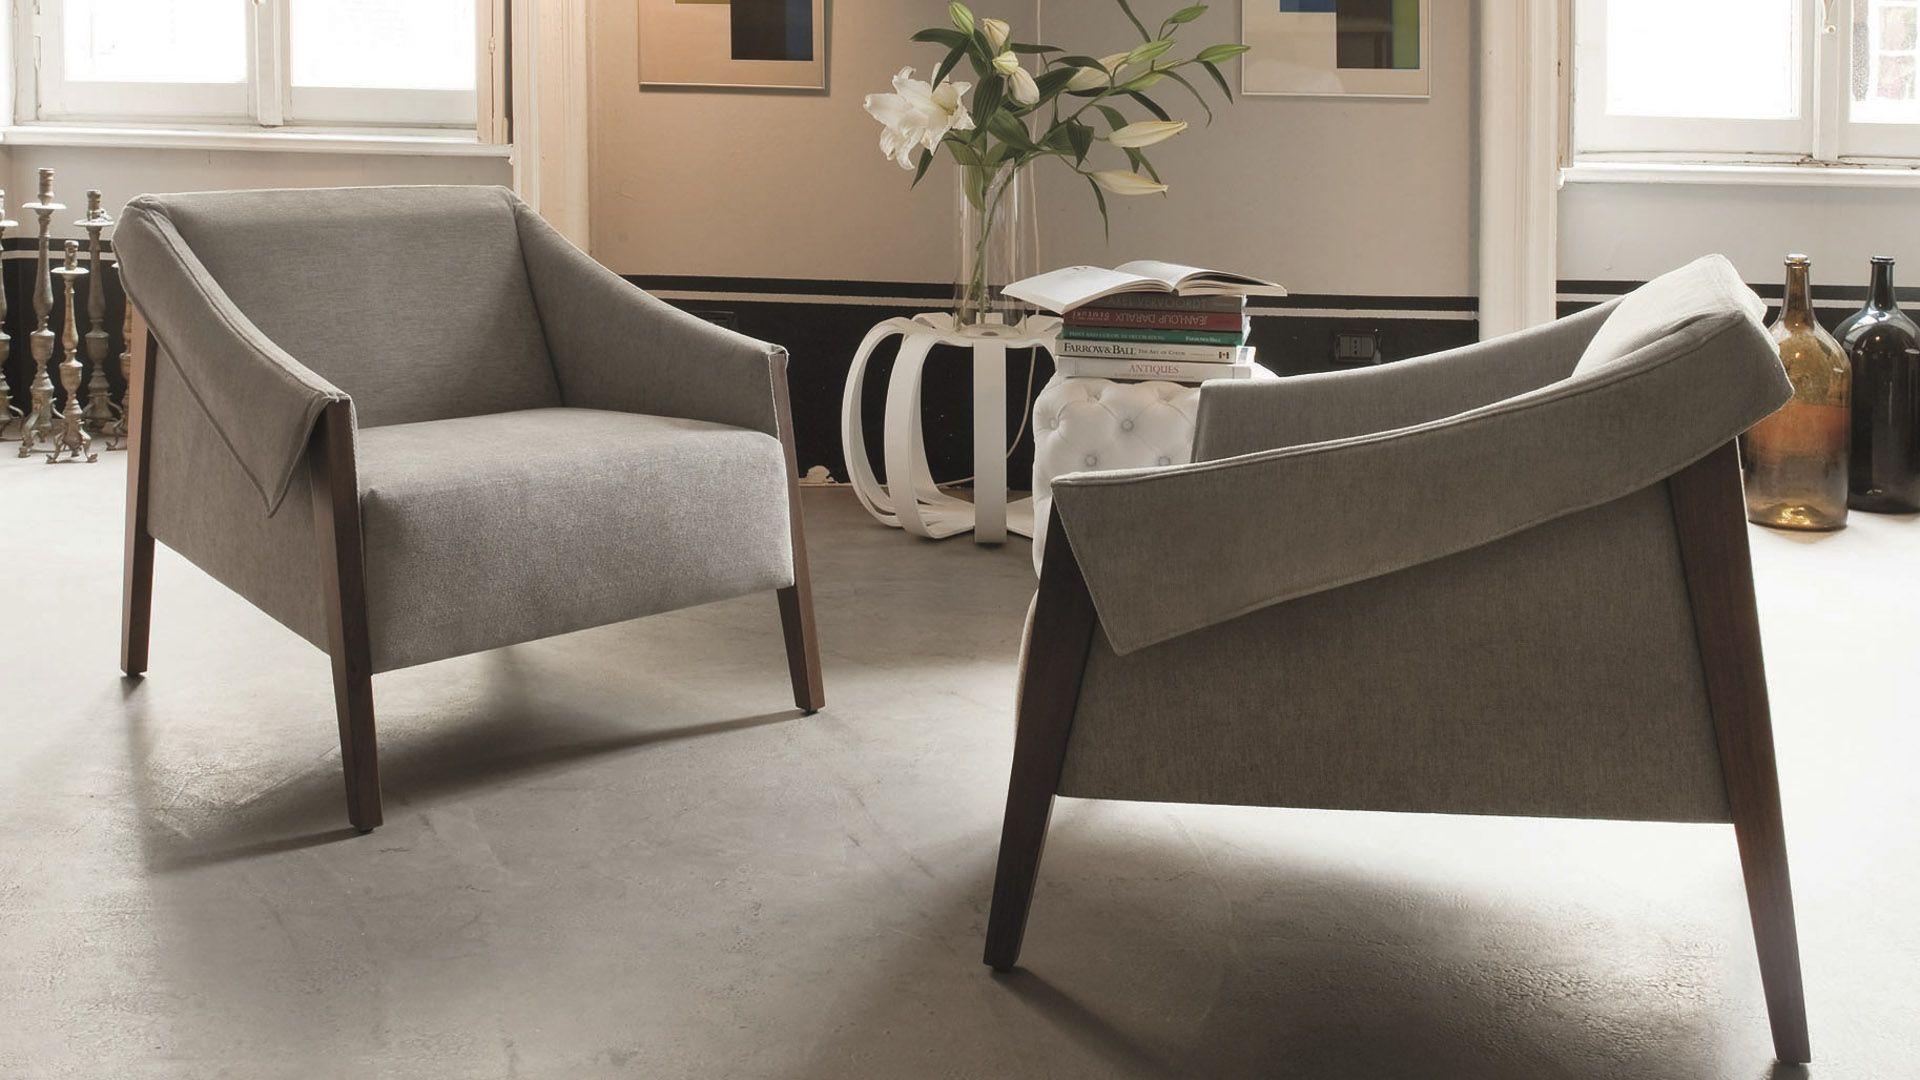 Contemporary Modern Luxury Furniture Perth Stores Contempo Ara